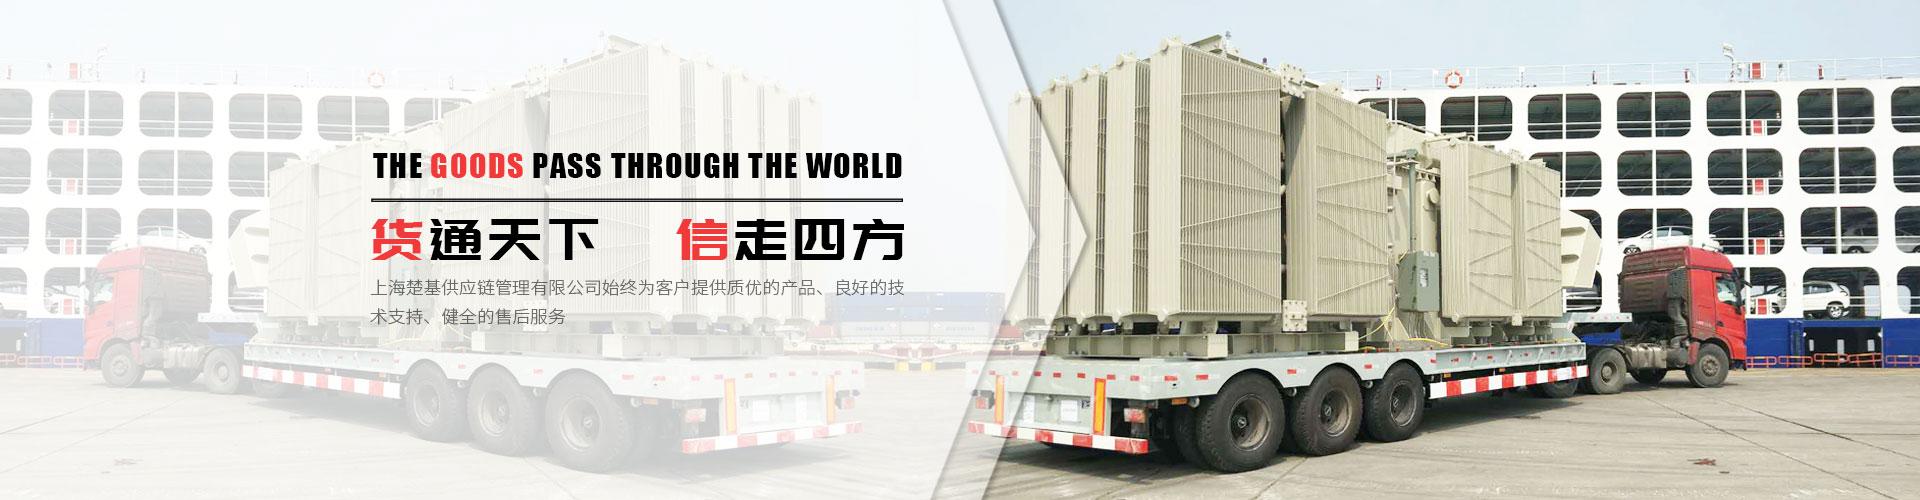 上海戒赌最好的方法供应链管理有限公司